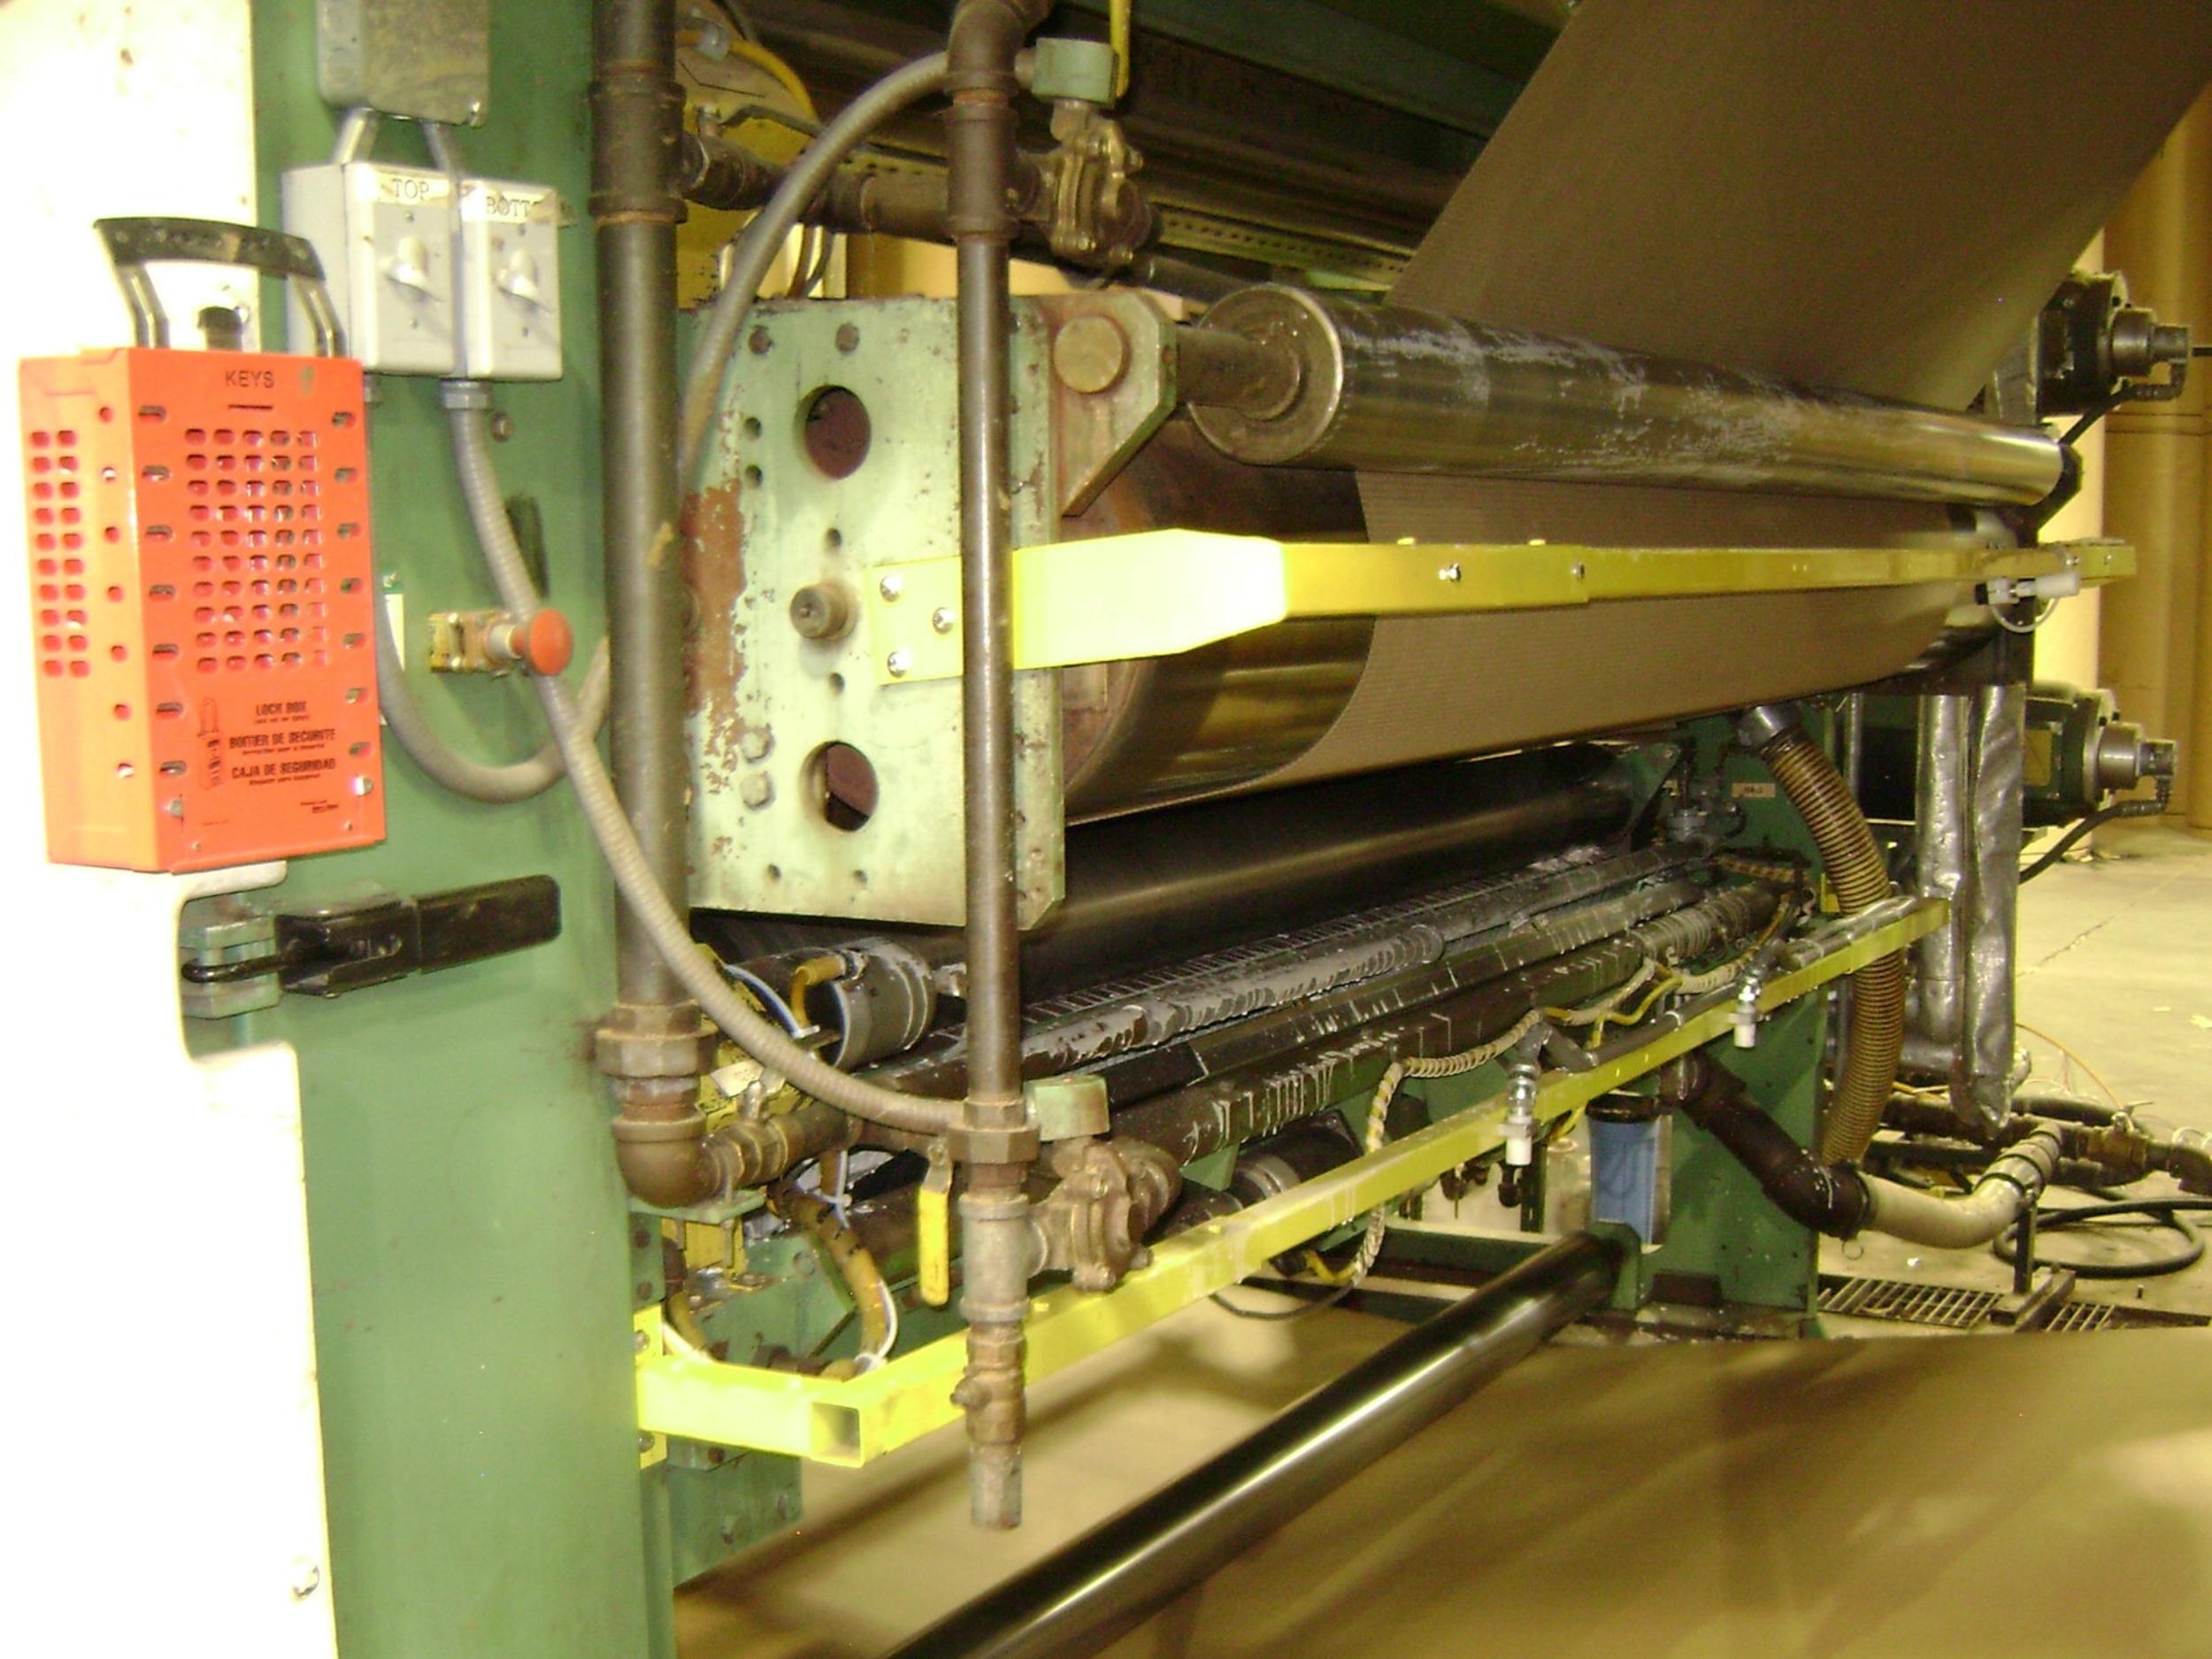 Dos sensores de temperatura están instalados después de cada precalentador, y también en la salida de la mesa de secado, controlando en forma automática los brazos de arropamiento y los rodillos/zapatas/manta en la mesa de secado.